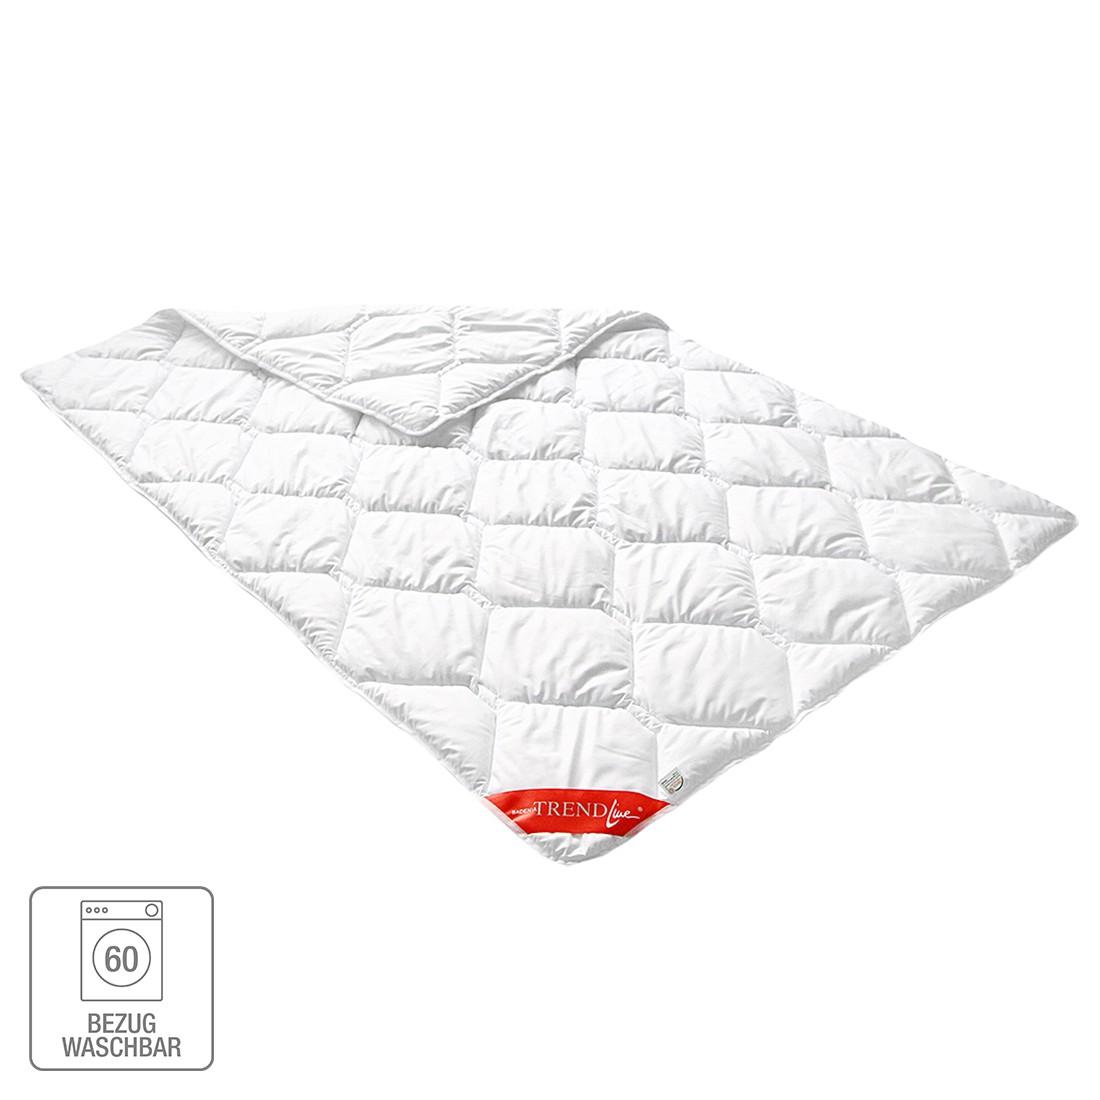 Trendline Micro Kochfest Programm – Microfaser – Monosteppbett – 155 x 220 cm, Badenia bestellen